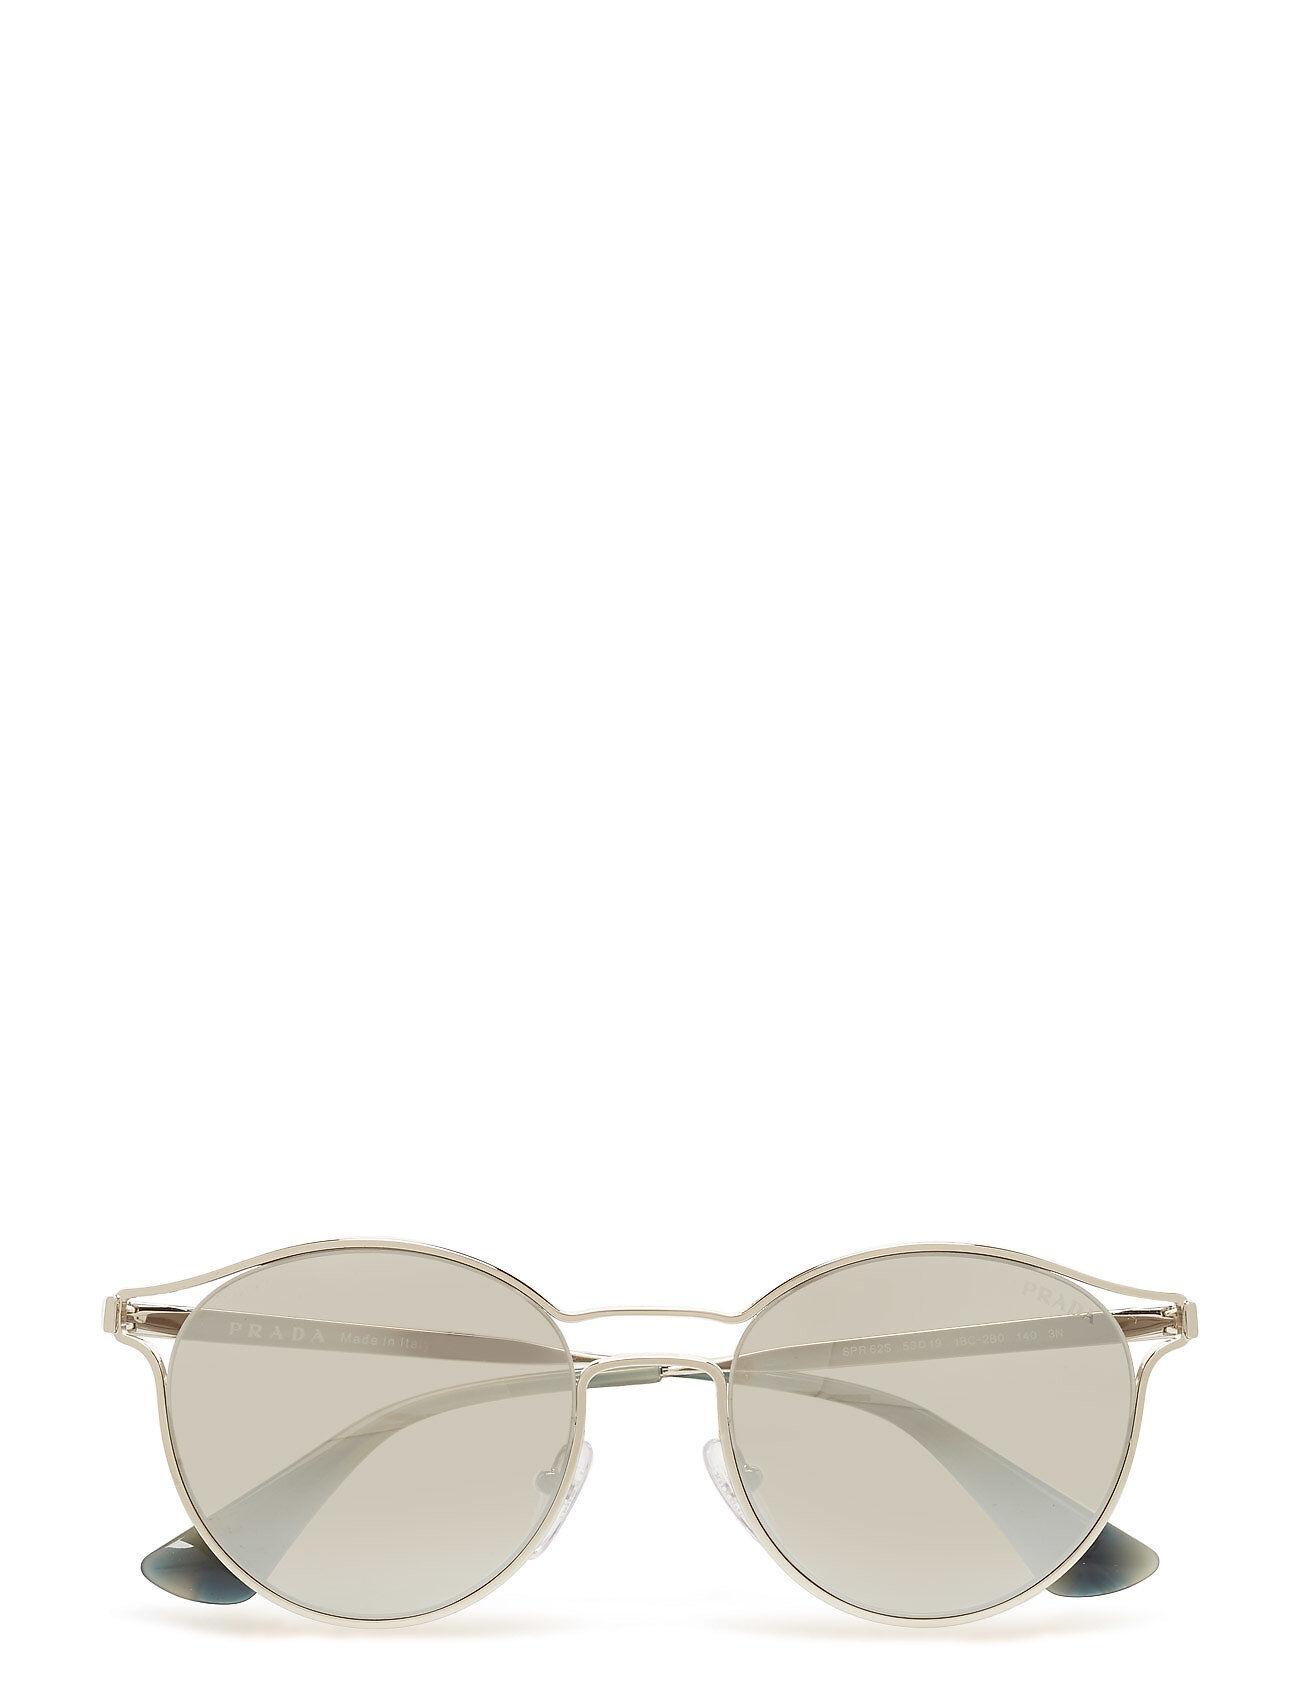 Image of Prada Sunglasses Cinema Pilottilasit Aurinkolasit Hopea